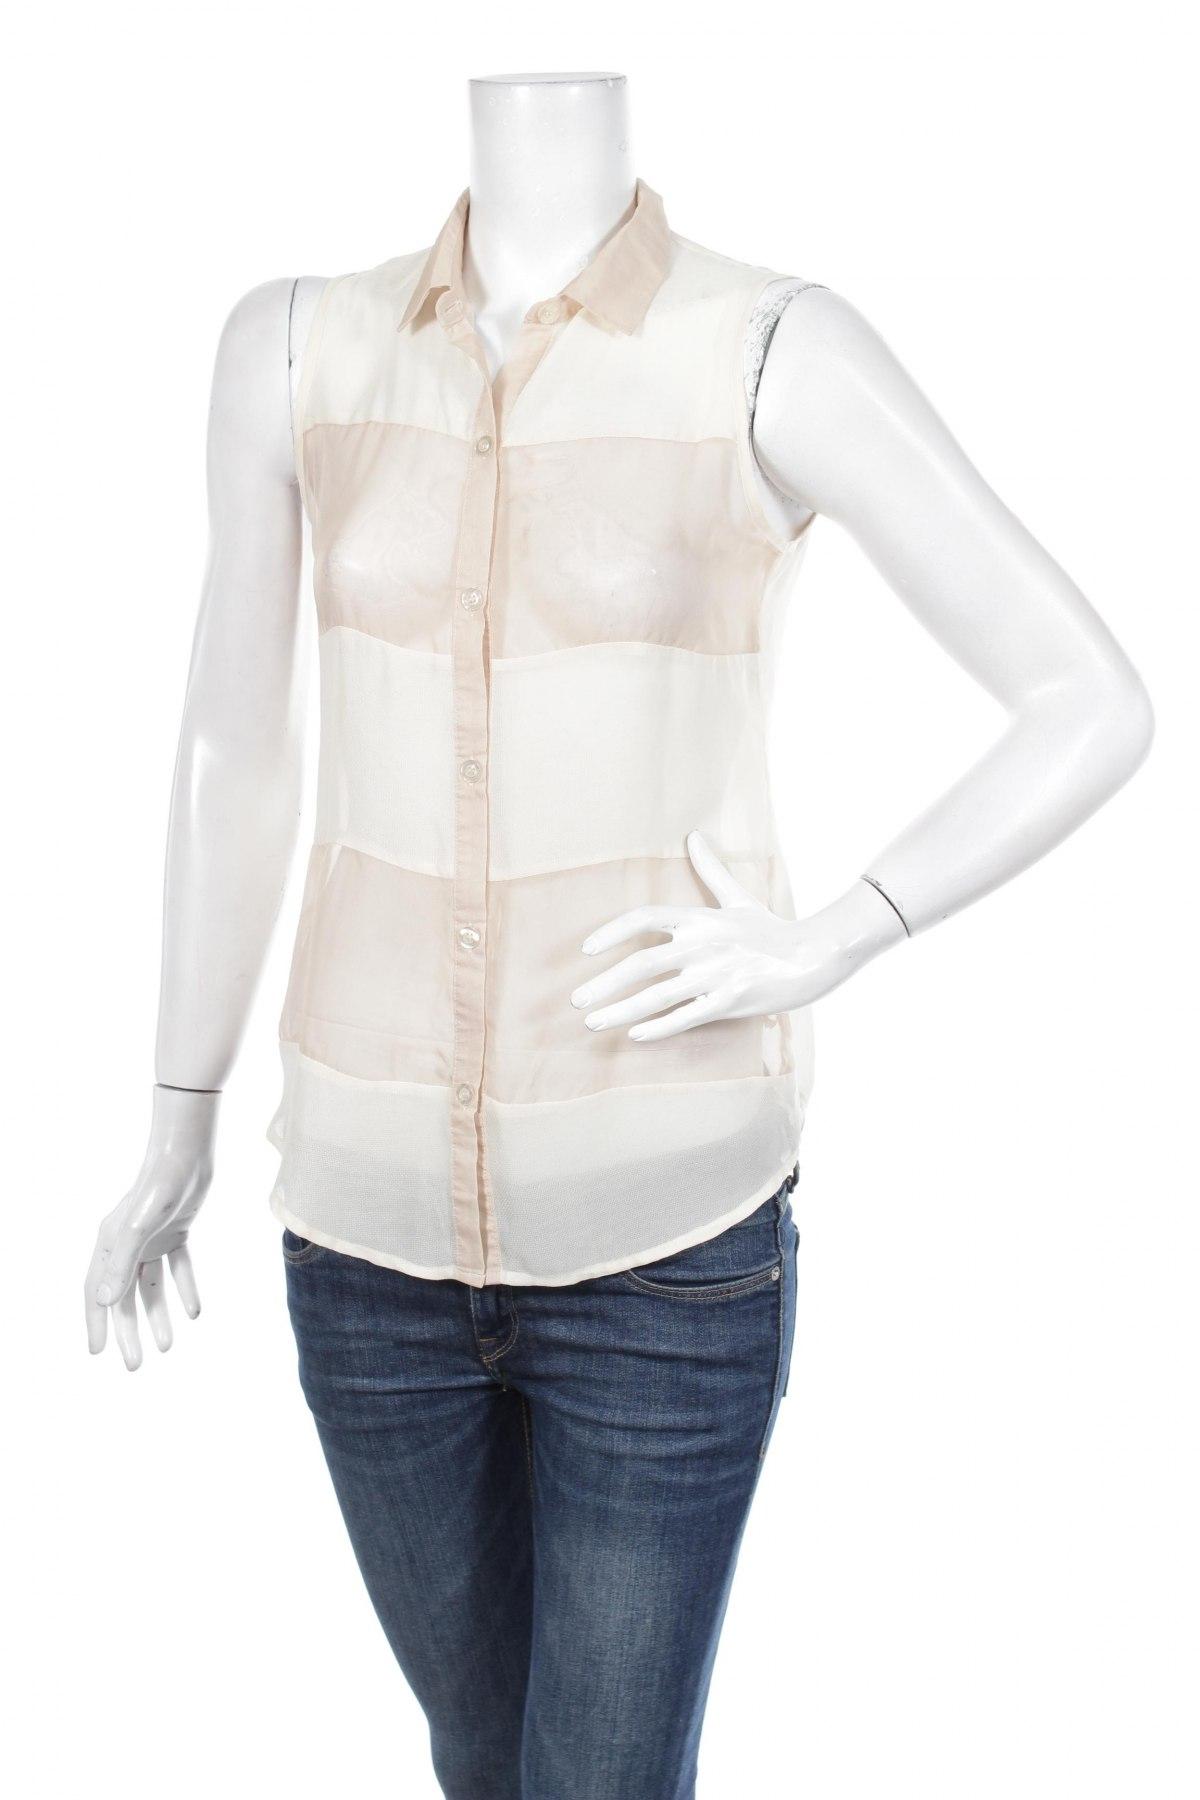 Γυναικείο πουκάμισο Charlotte Russe